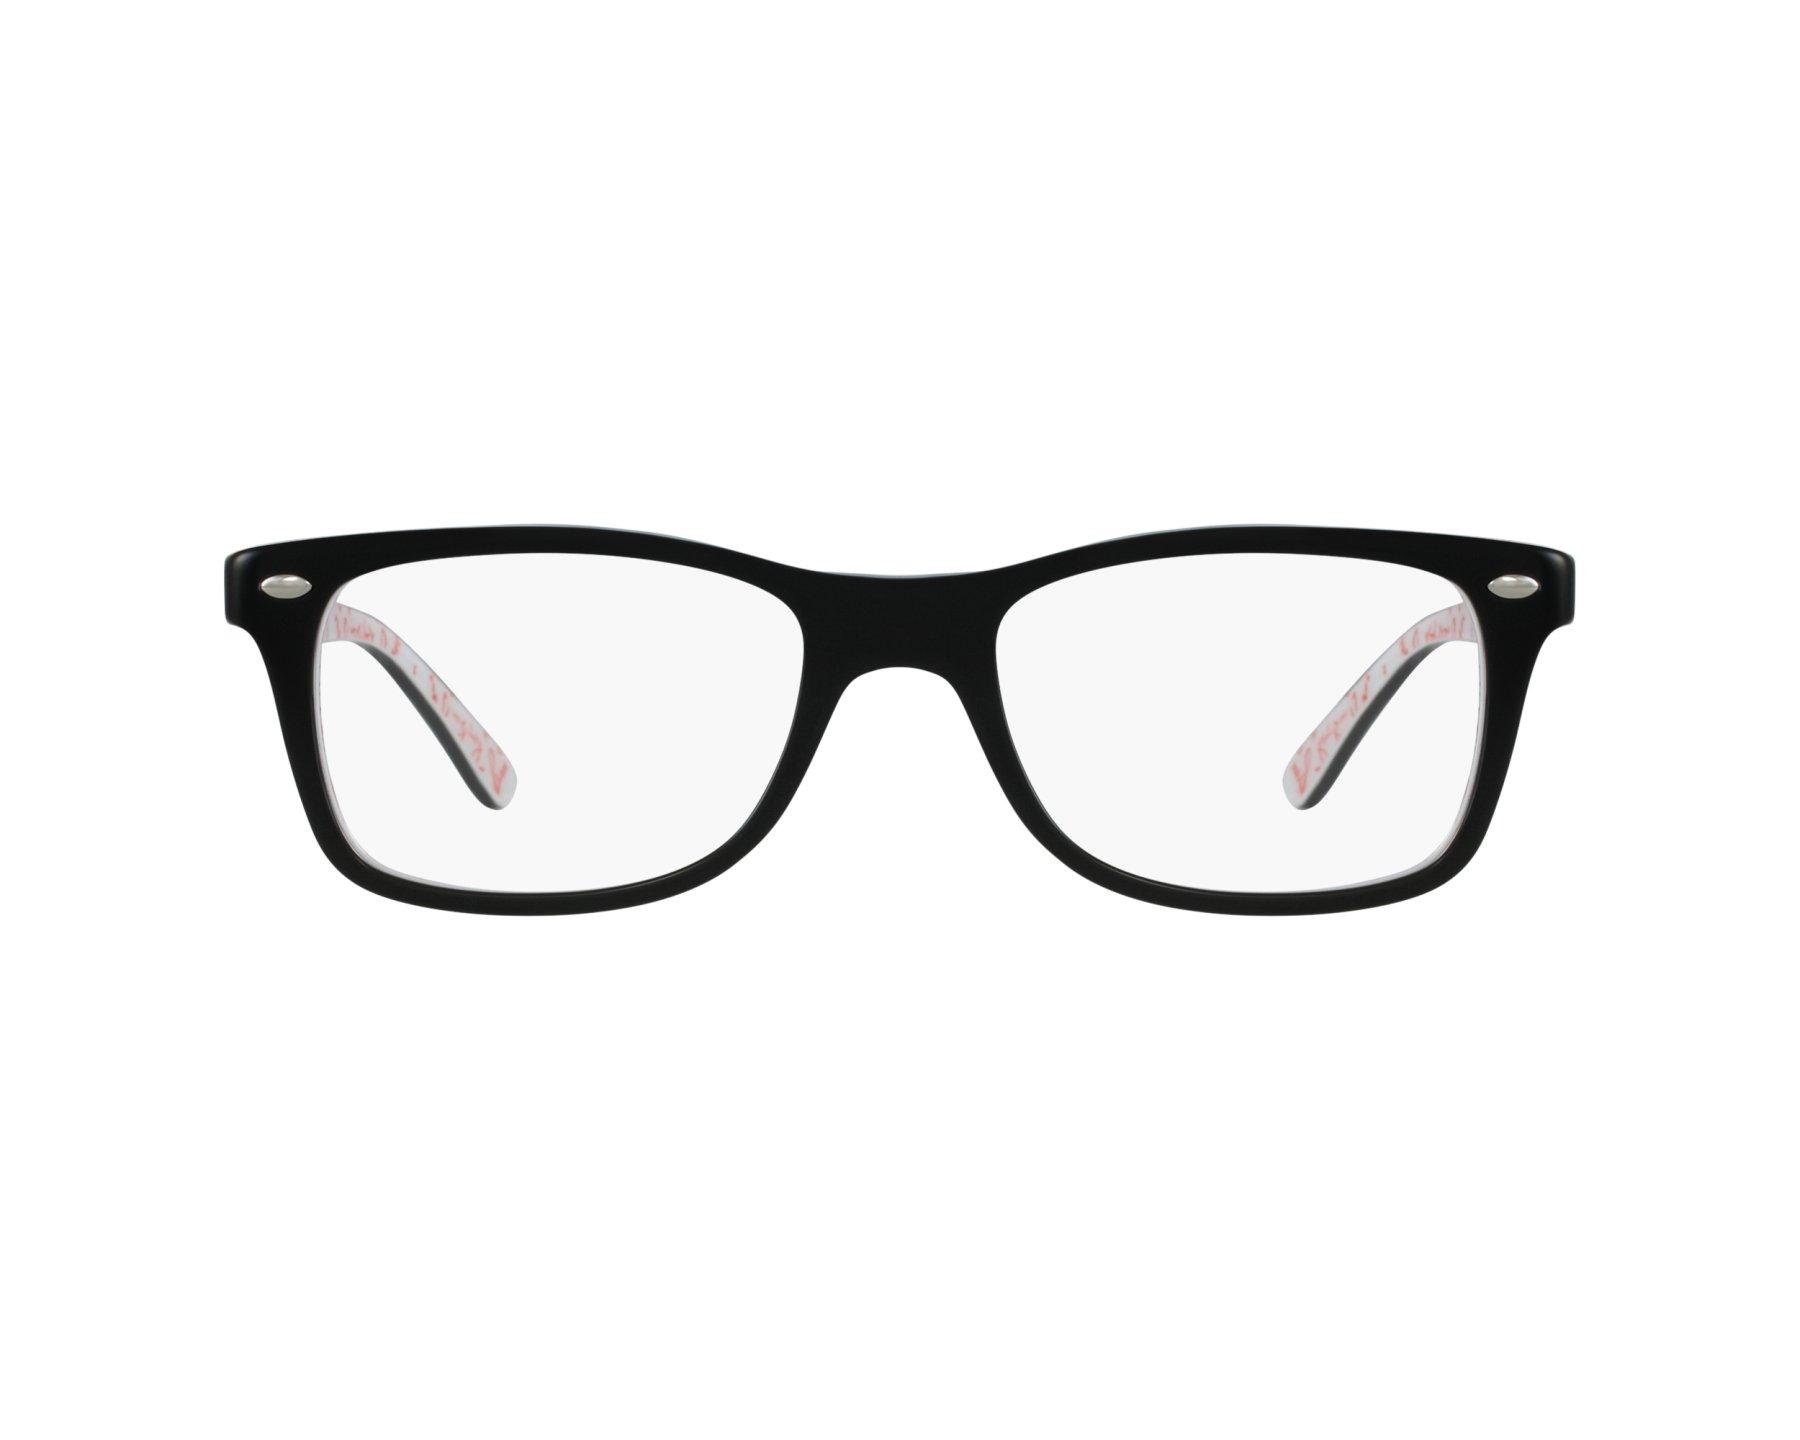 lunettes de vue ray ban rx 5228 5014 noir. Black Bedroom Furniture Sets. Home Design Ideas